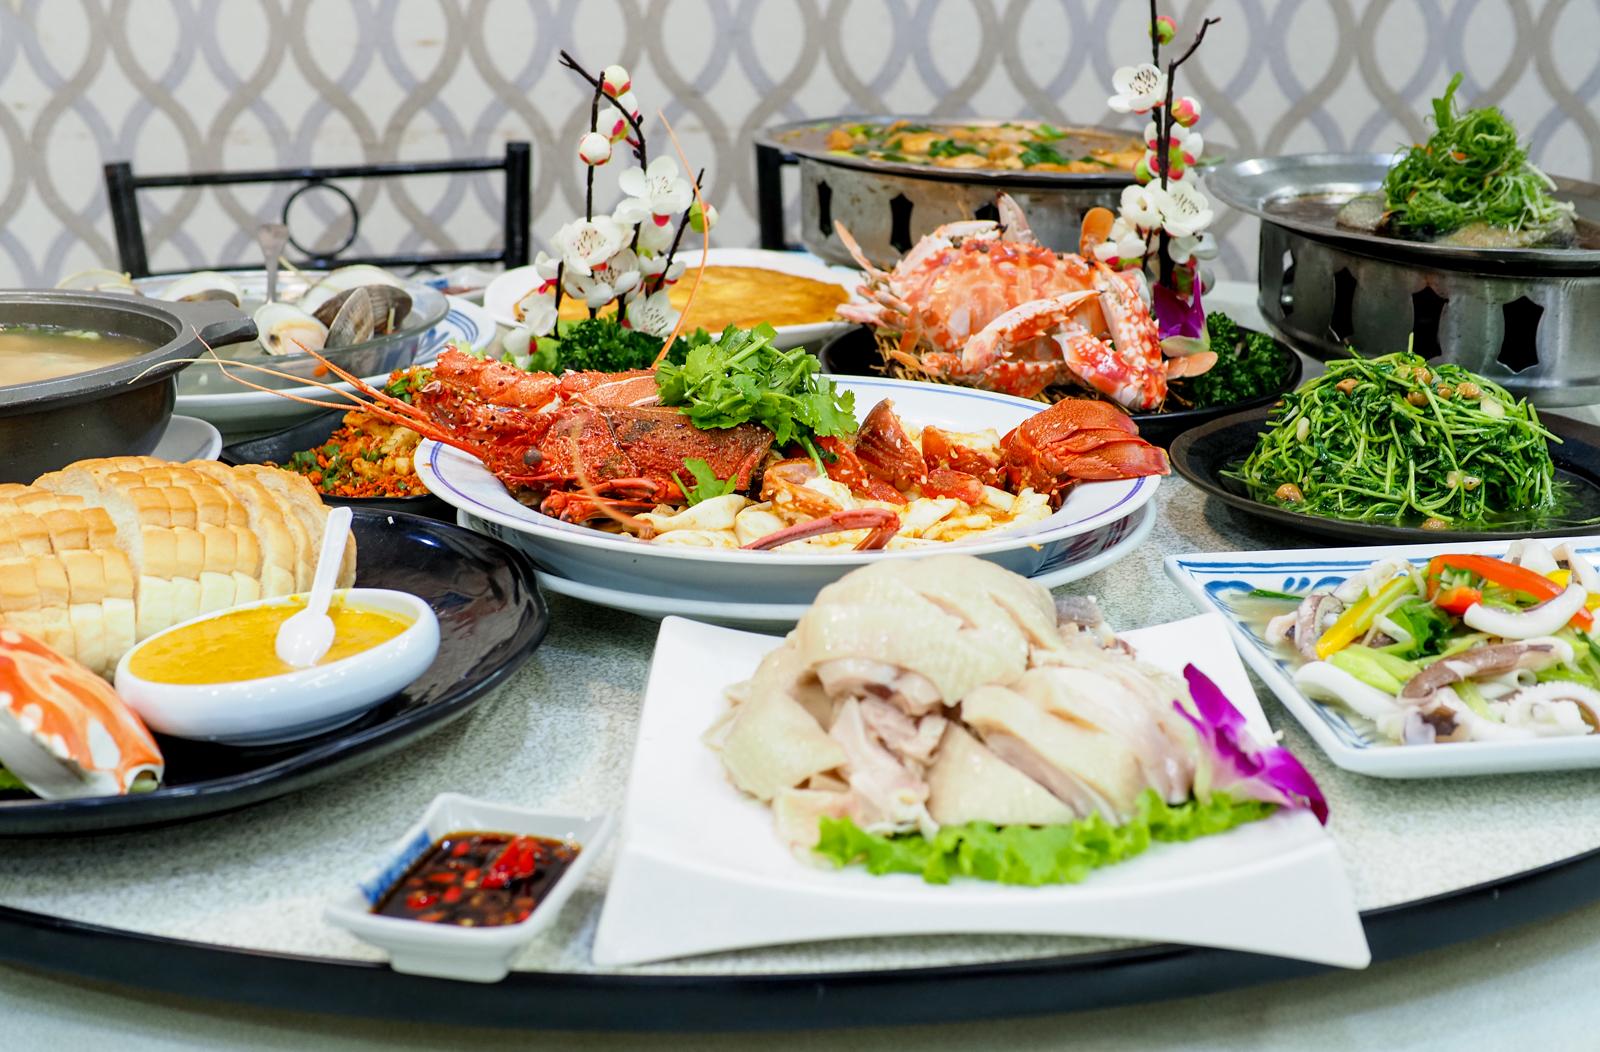 【萬里蟹海鮮餐廳】望海亭 價格透明不需要海龍王彼得  有自己的漁船捕撈海鮮味美價廉